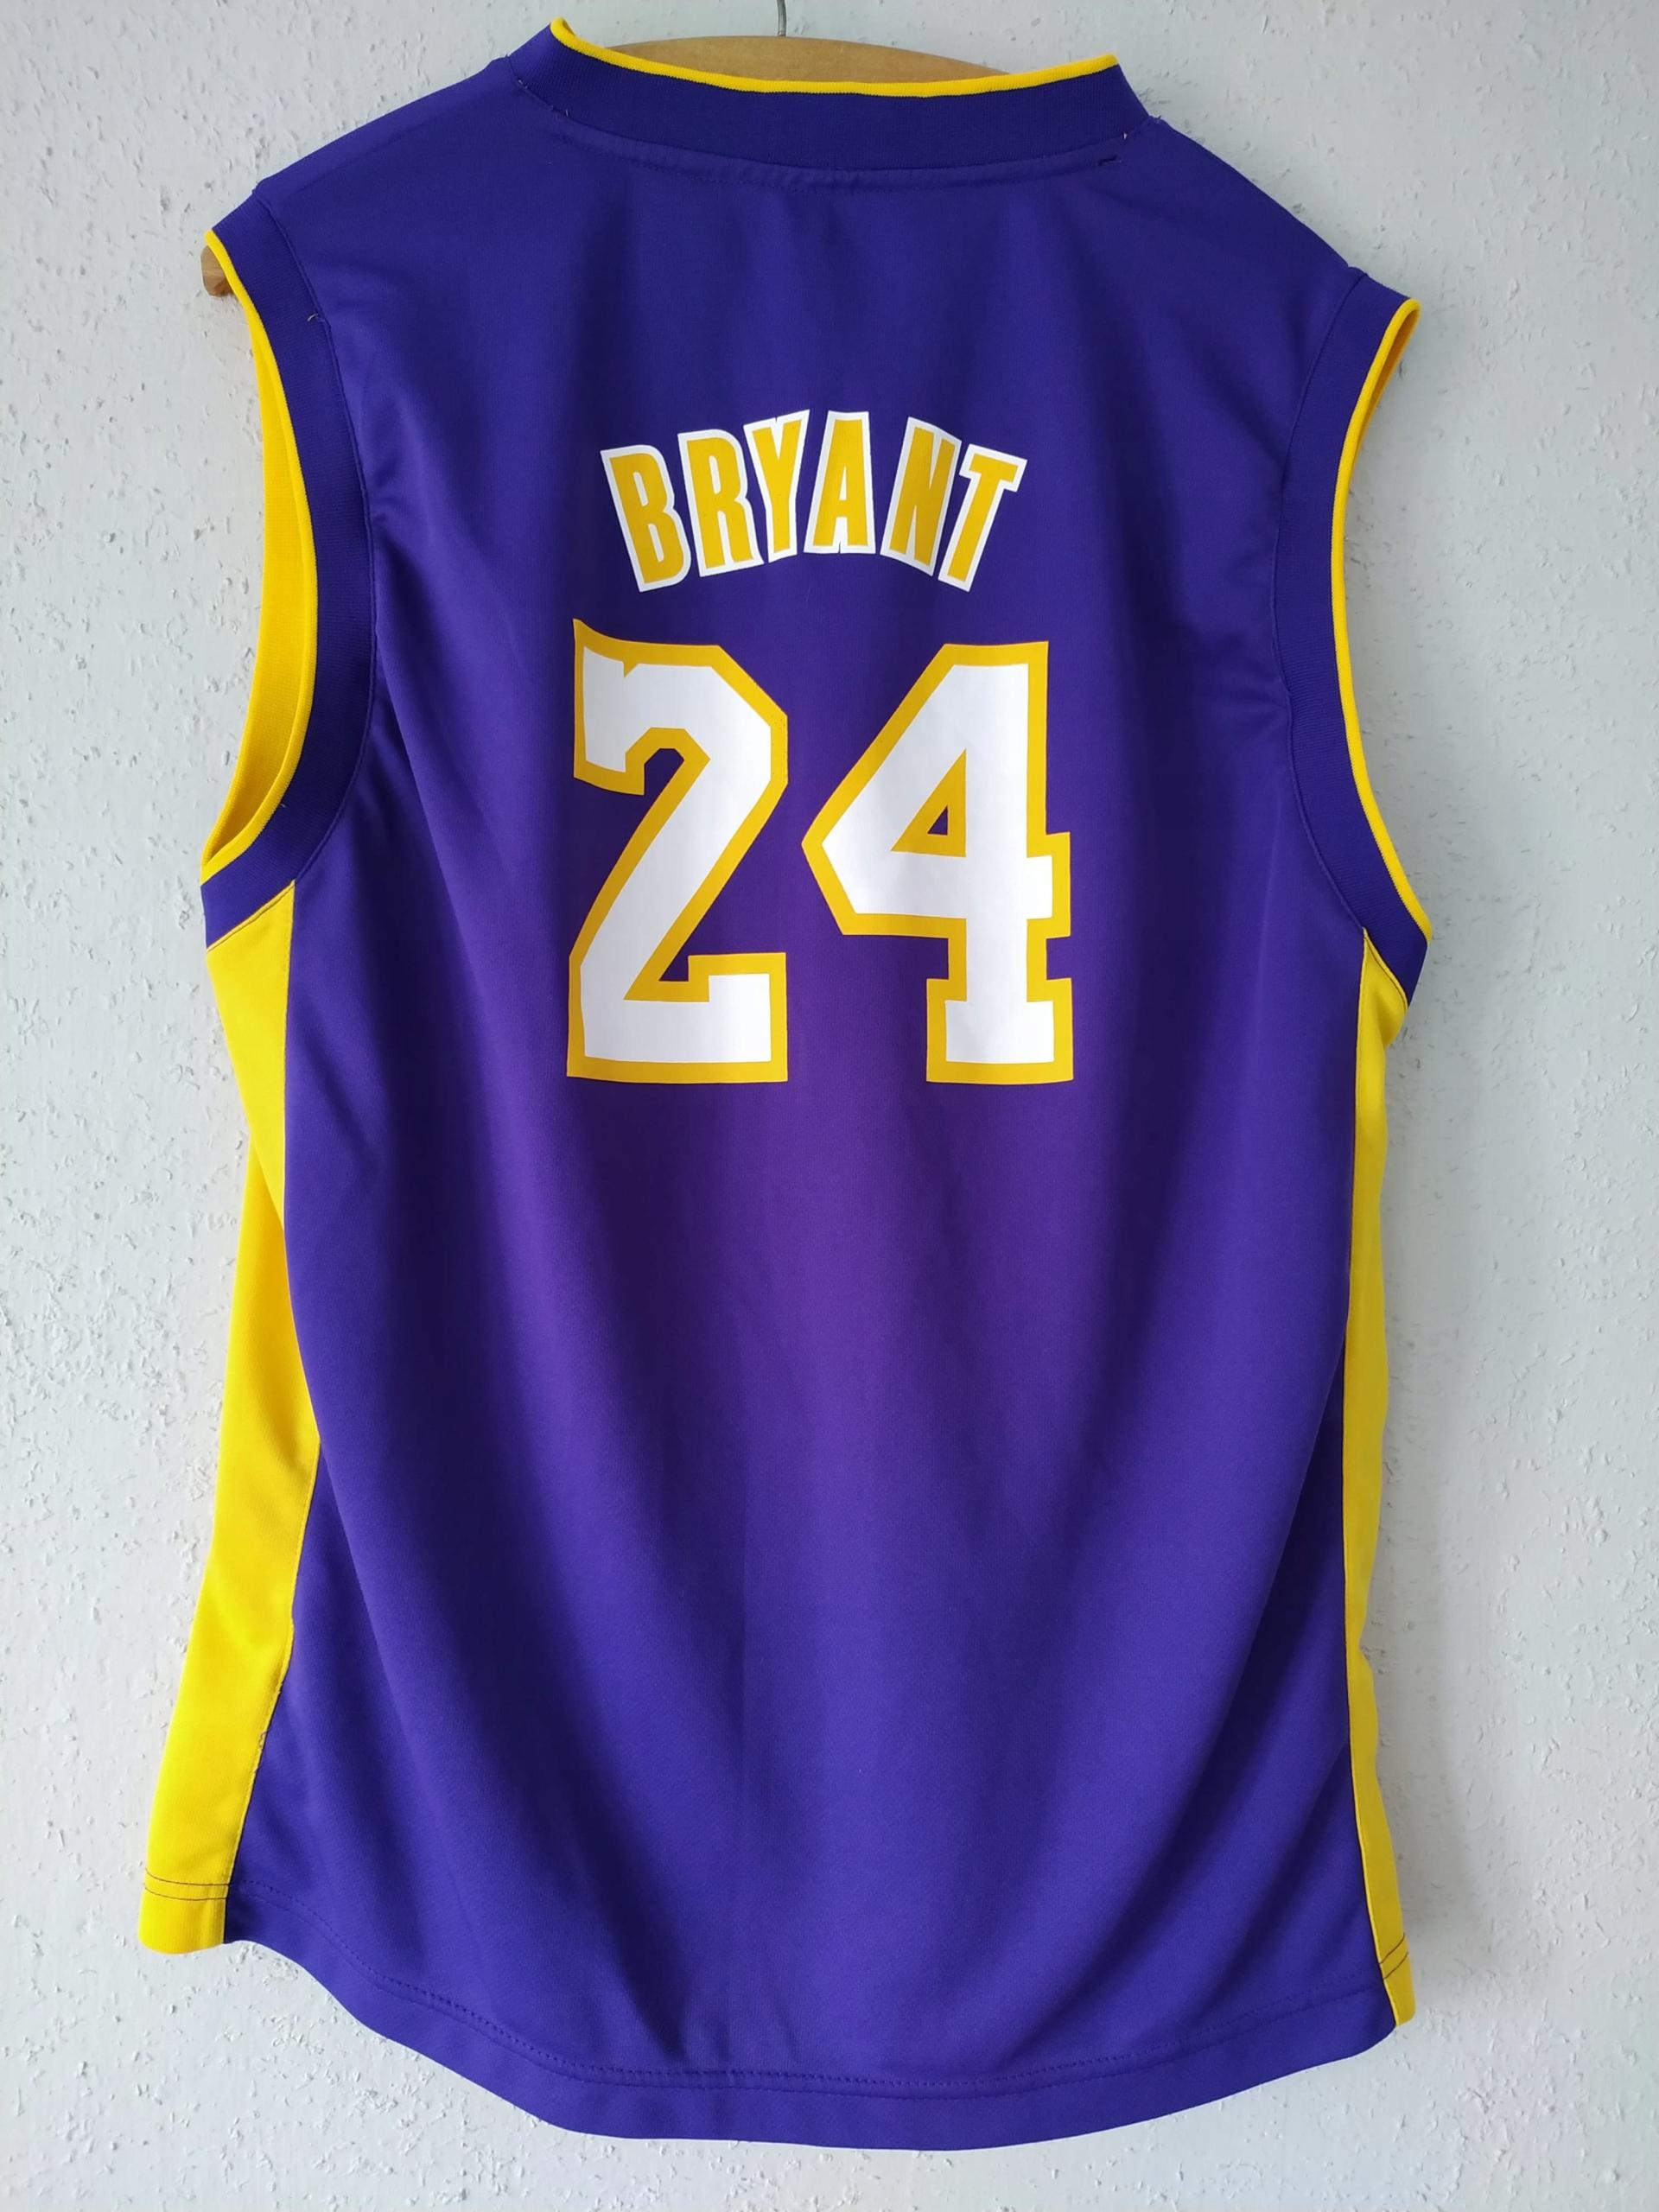 Adidas NBA Lakers BRYANT 24 koszulka jak nowa XL